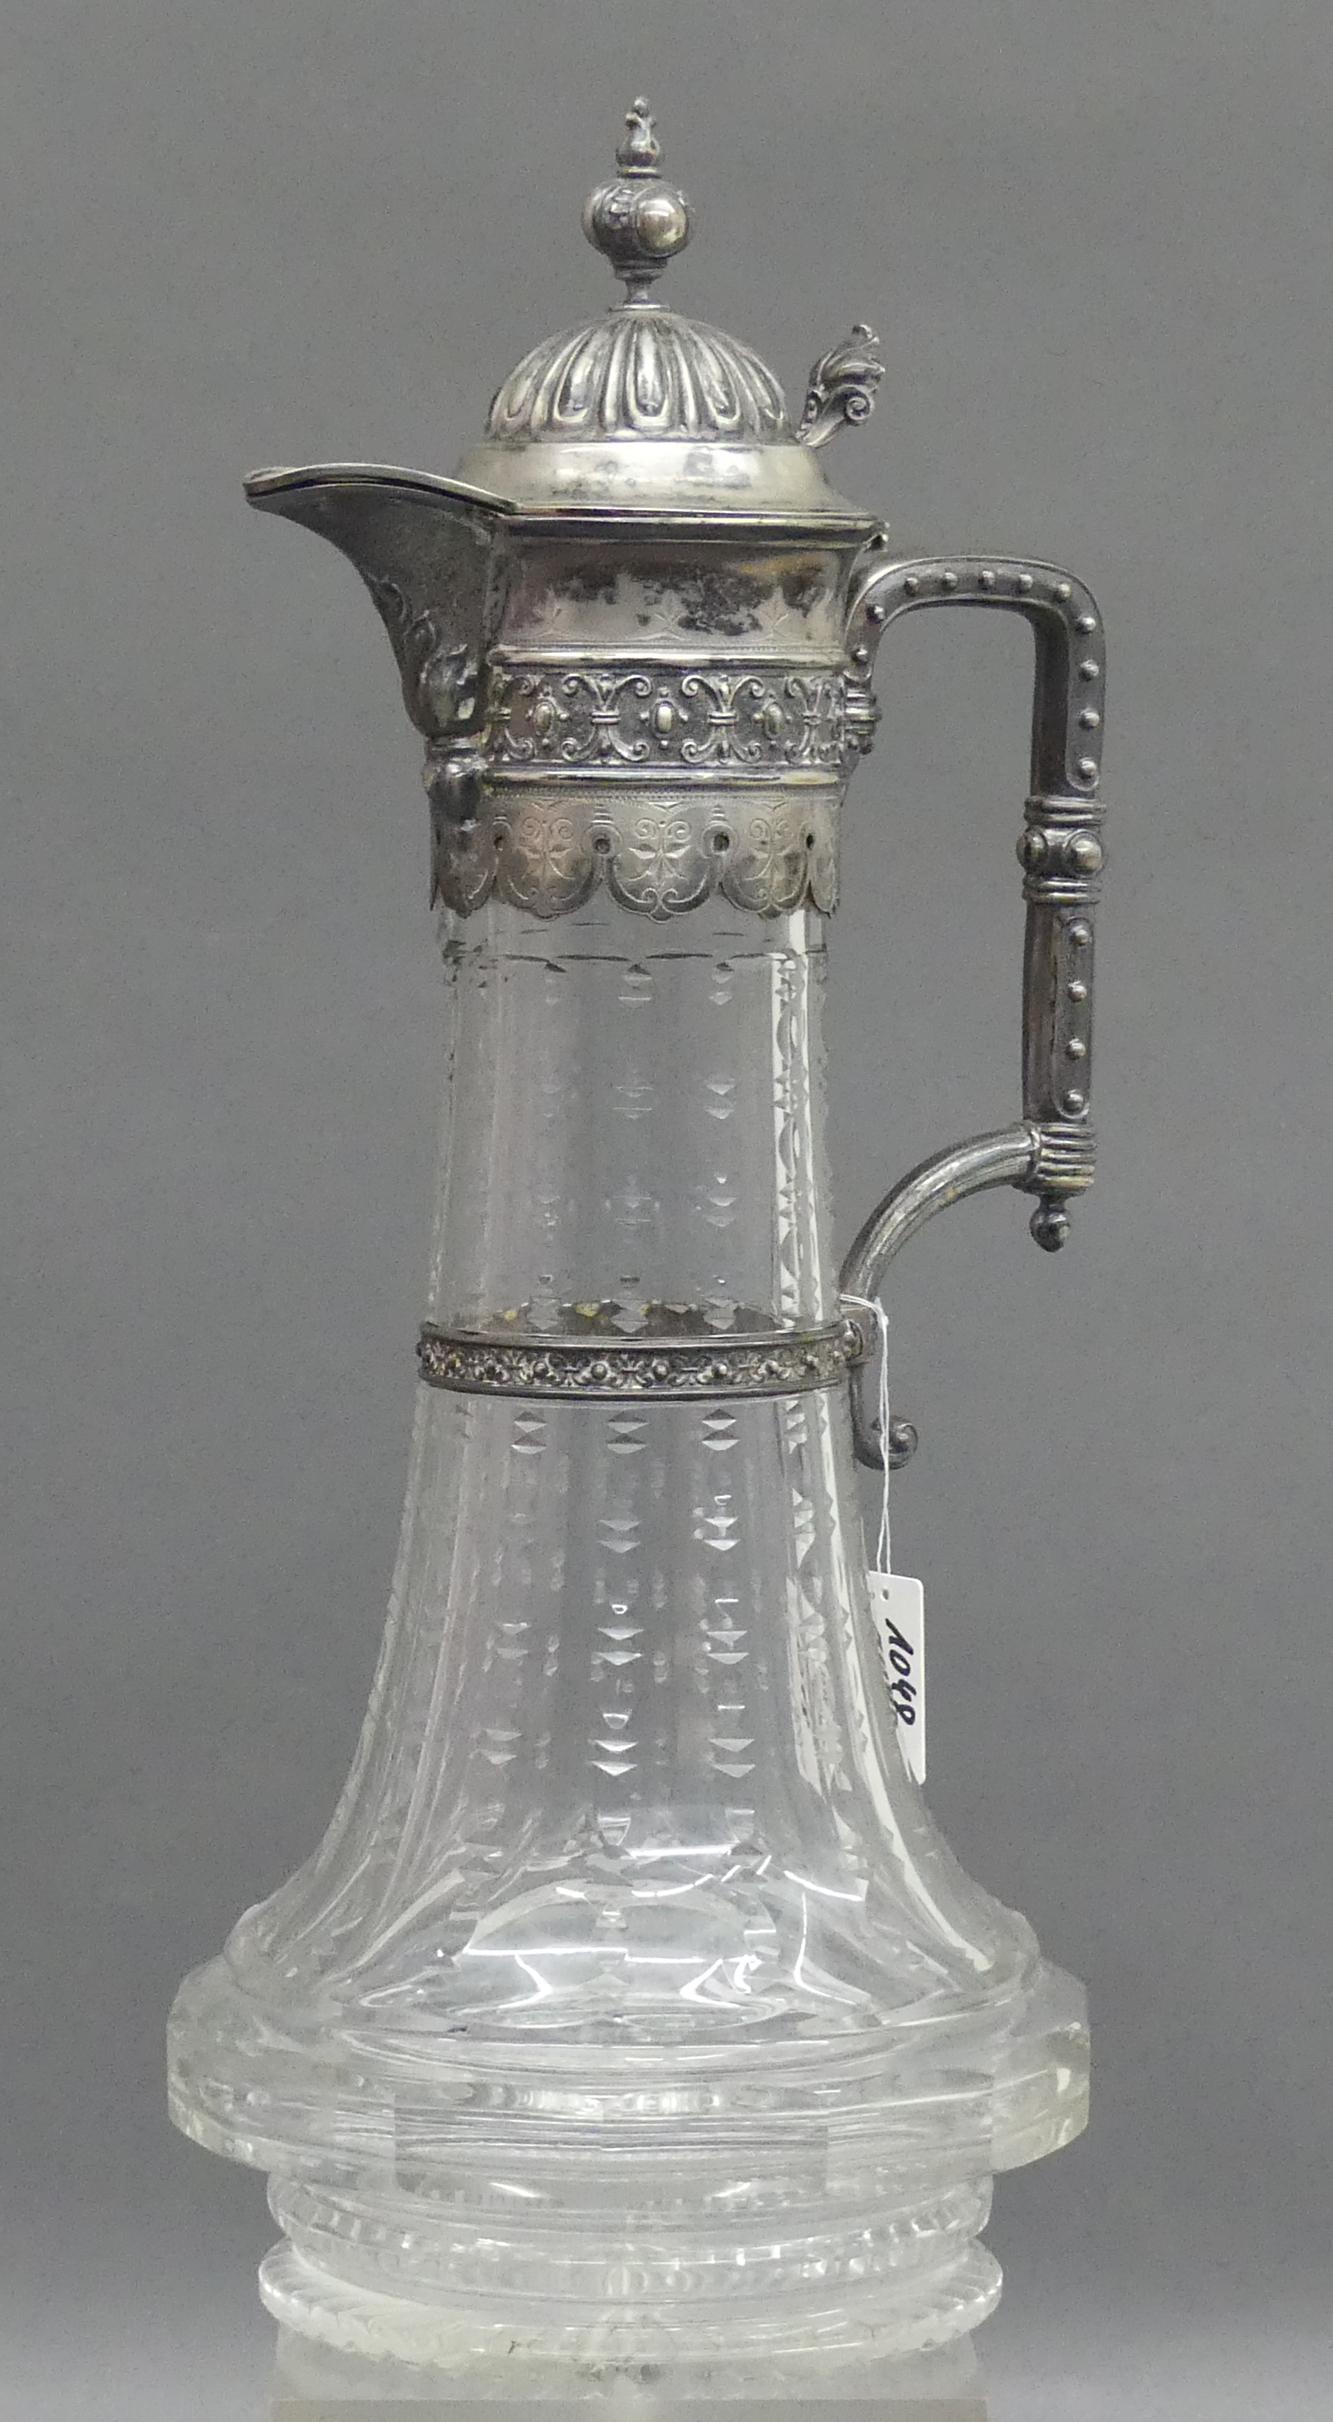 Schenkkanne, um 1900